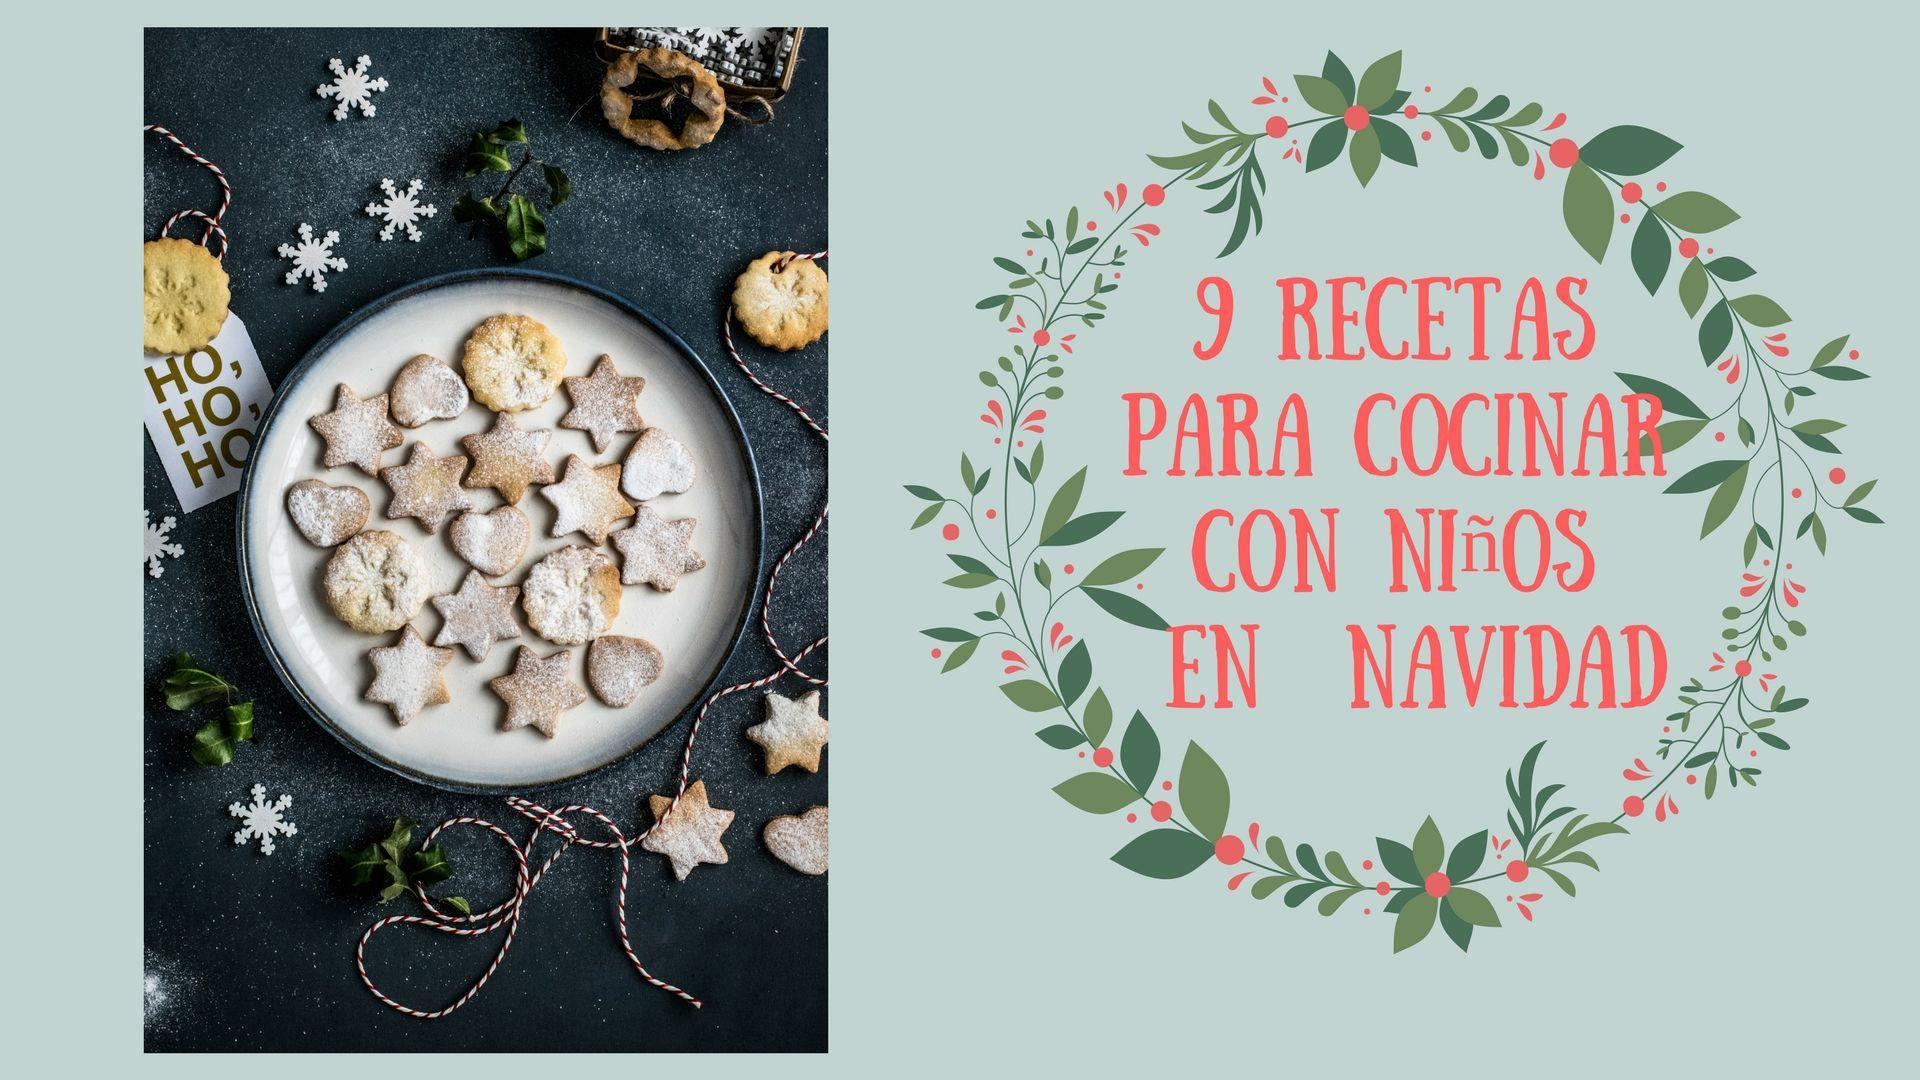 9 recetas fáciles para cocinar con niños en Navidad